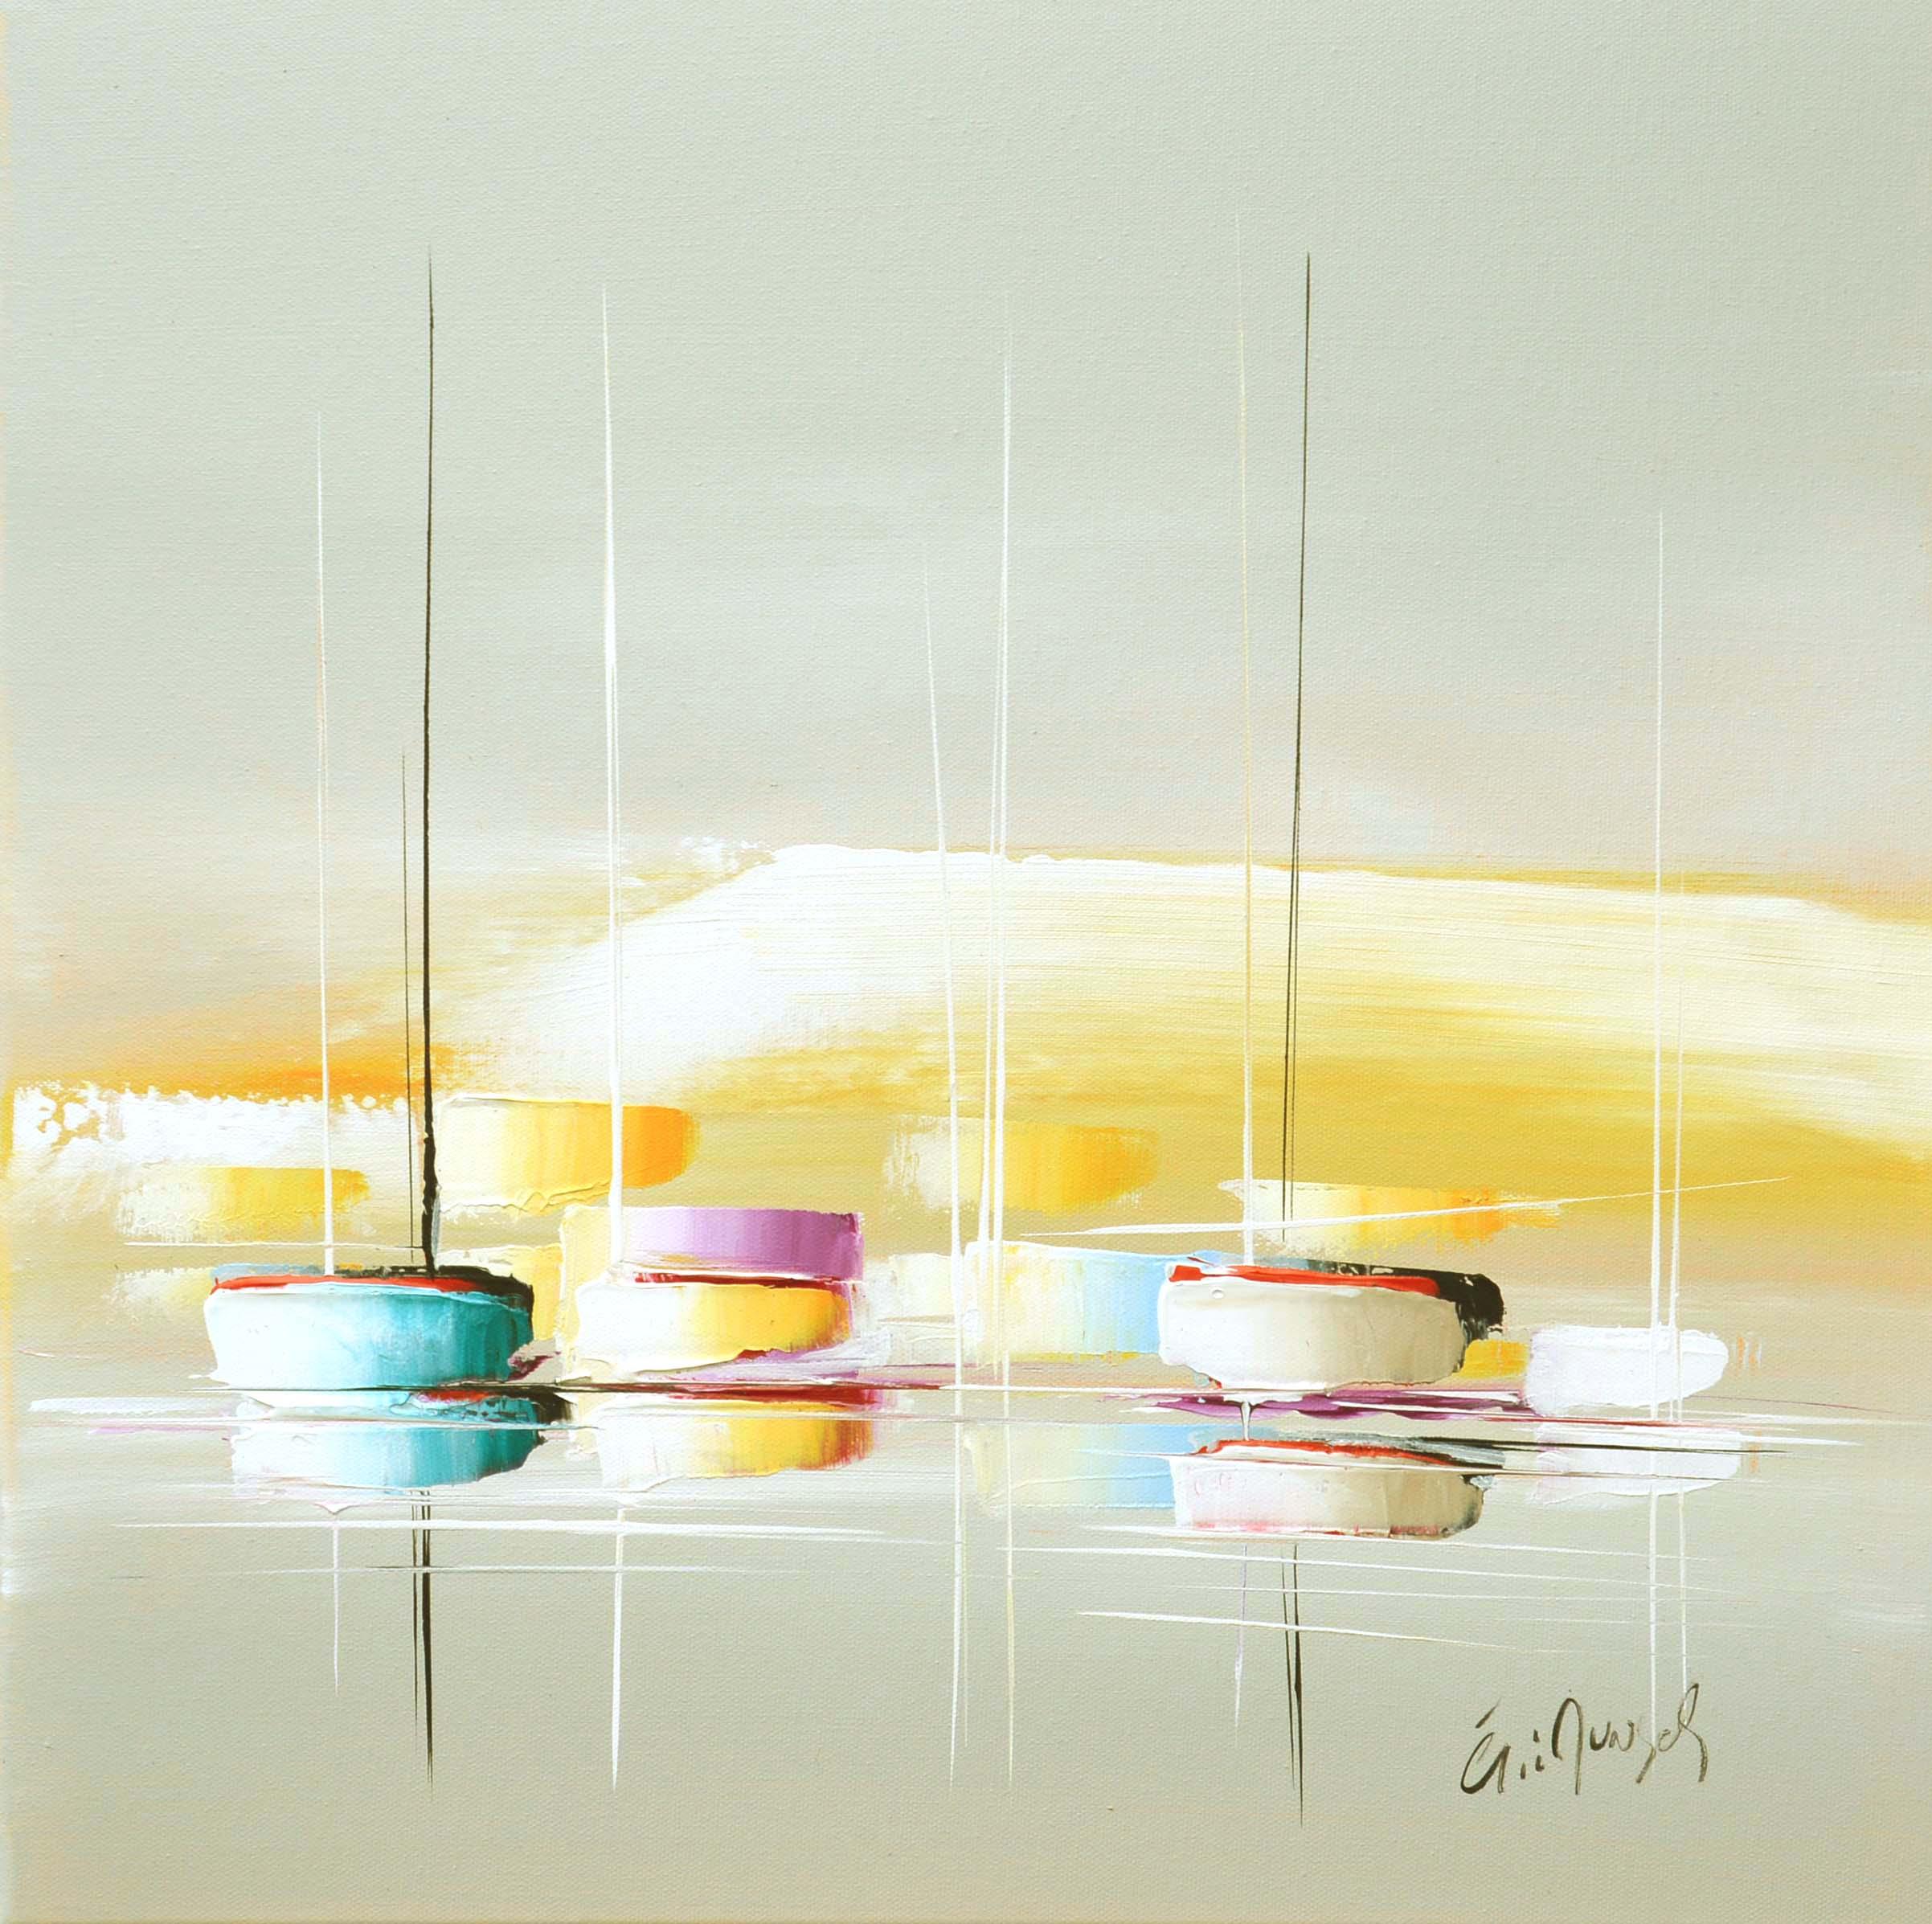 Couleur de printemps - Acrylique sur toile - 50x50 cm